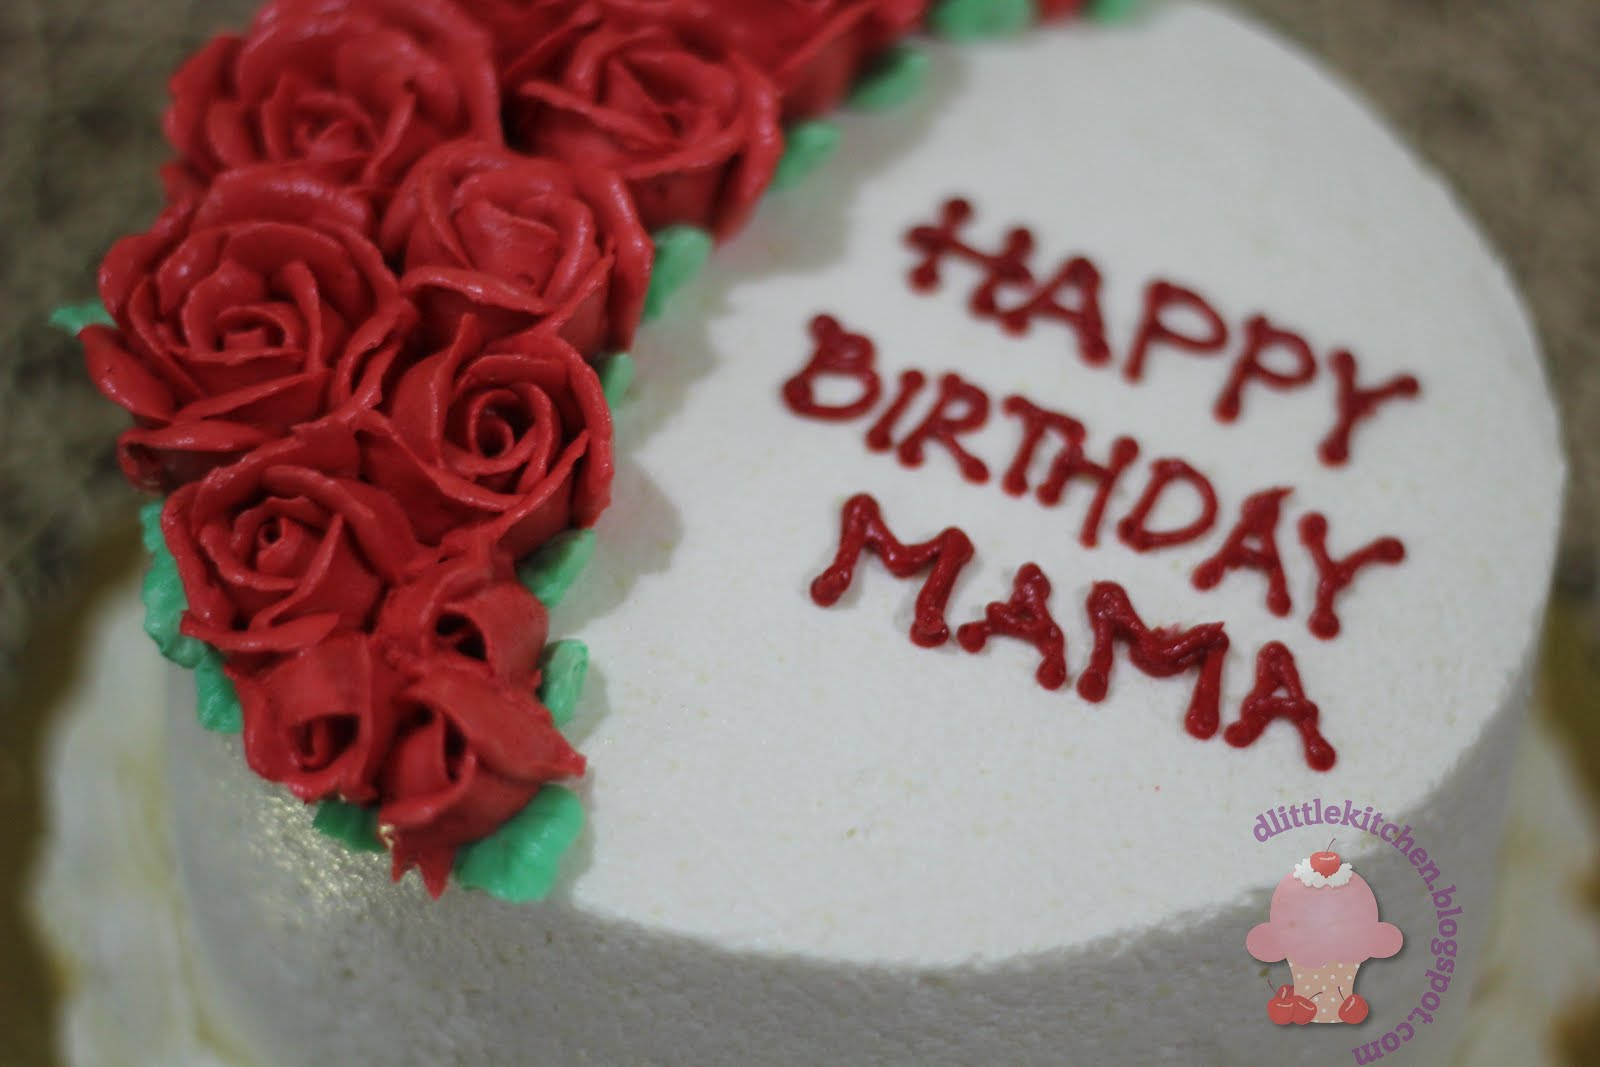 Happy Birthday Mama Ji Cake Images